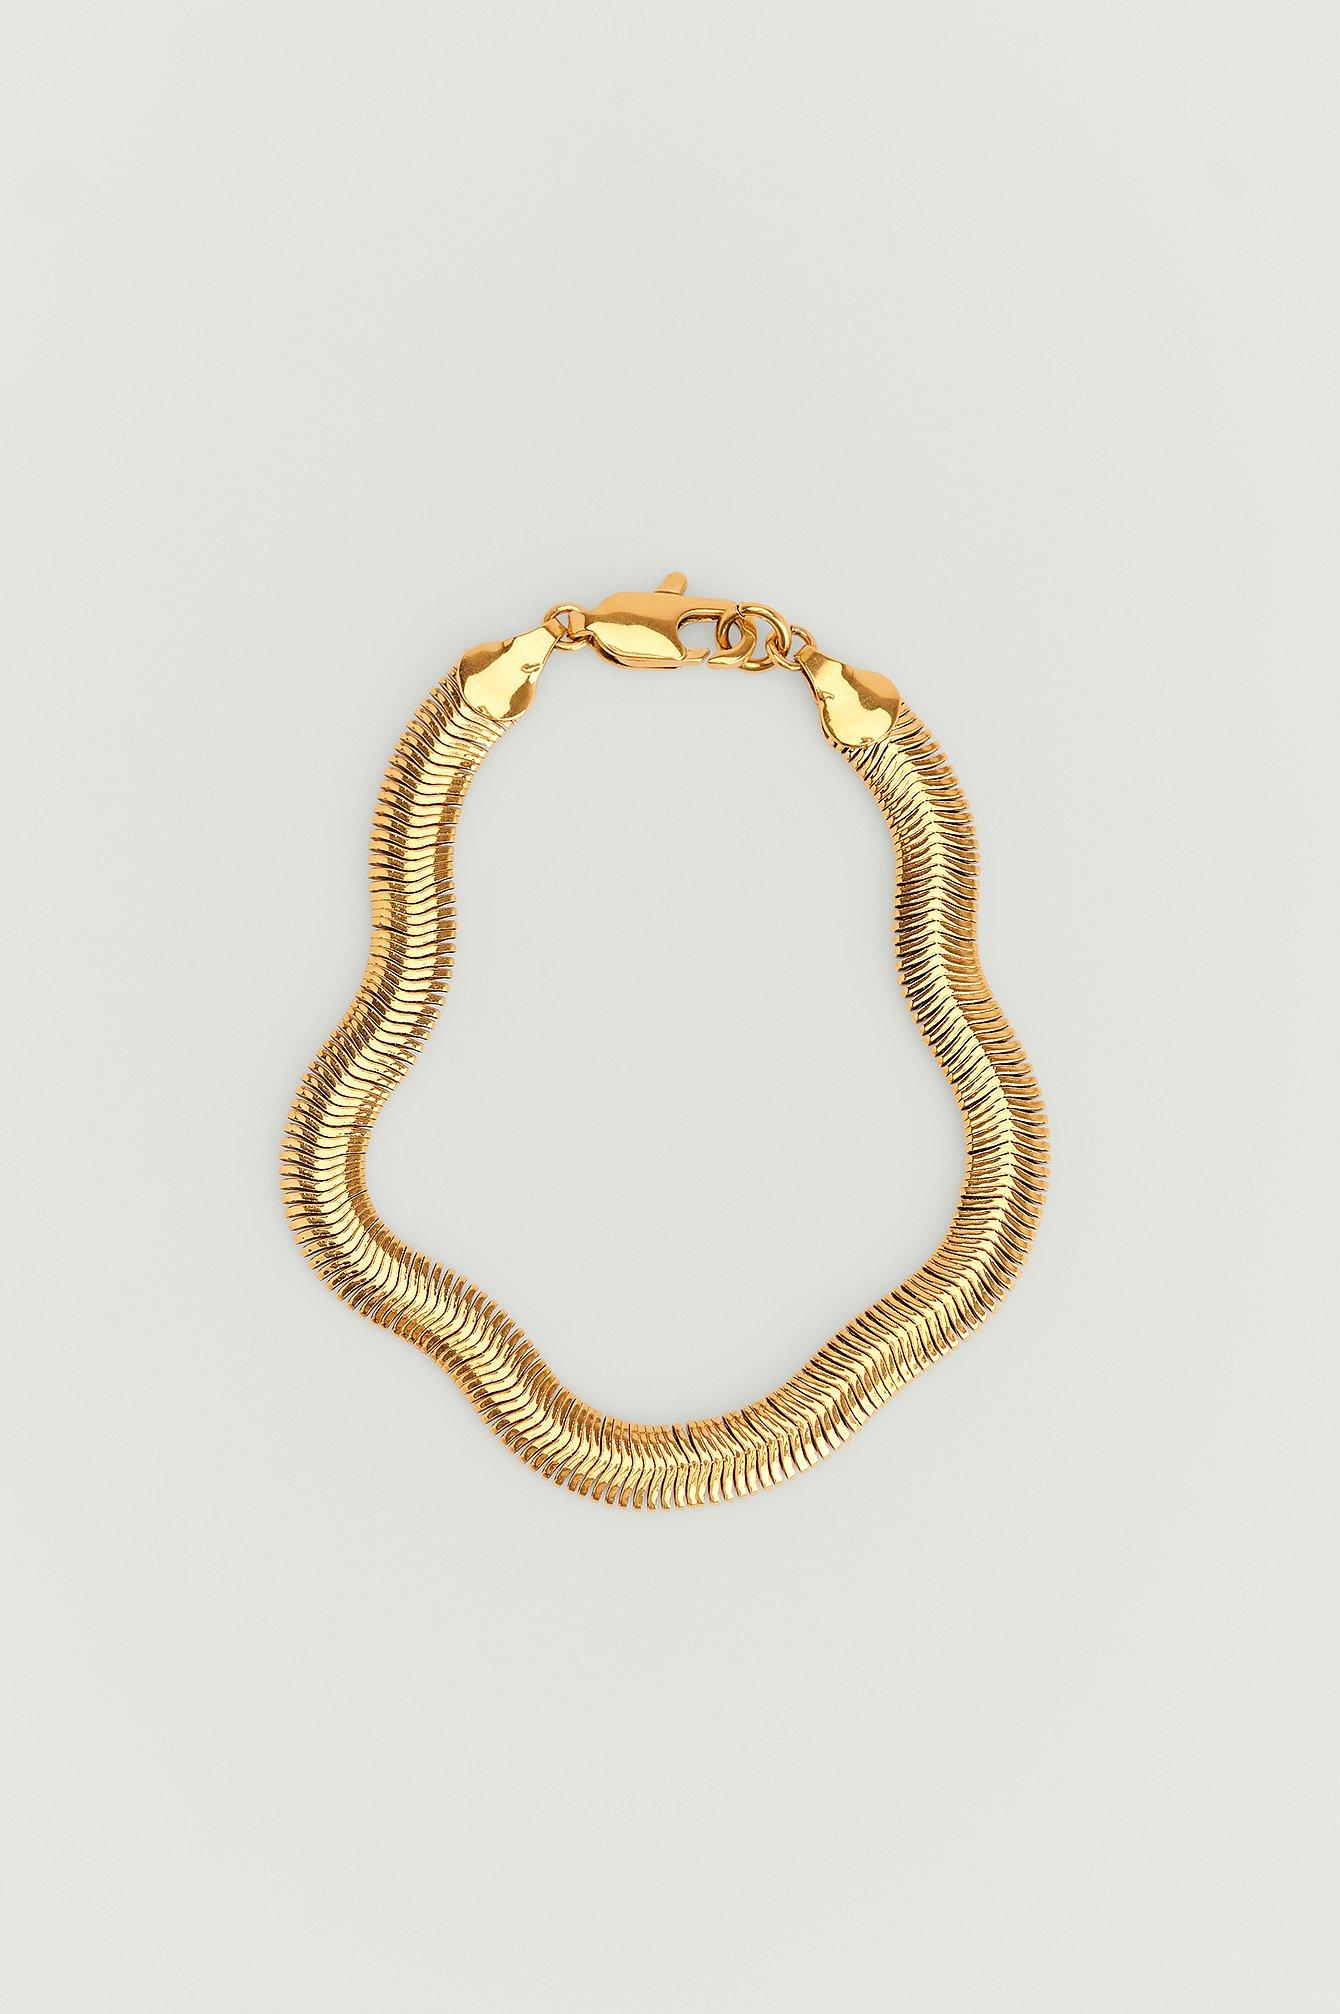 NA-KD Accessories Genanvendt armbånd med guldbelægning og slangemønster - Gold